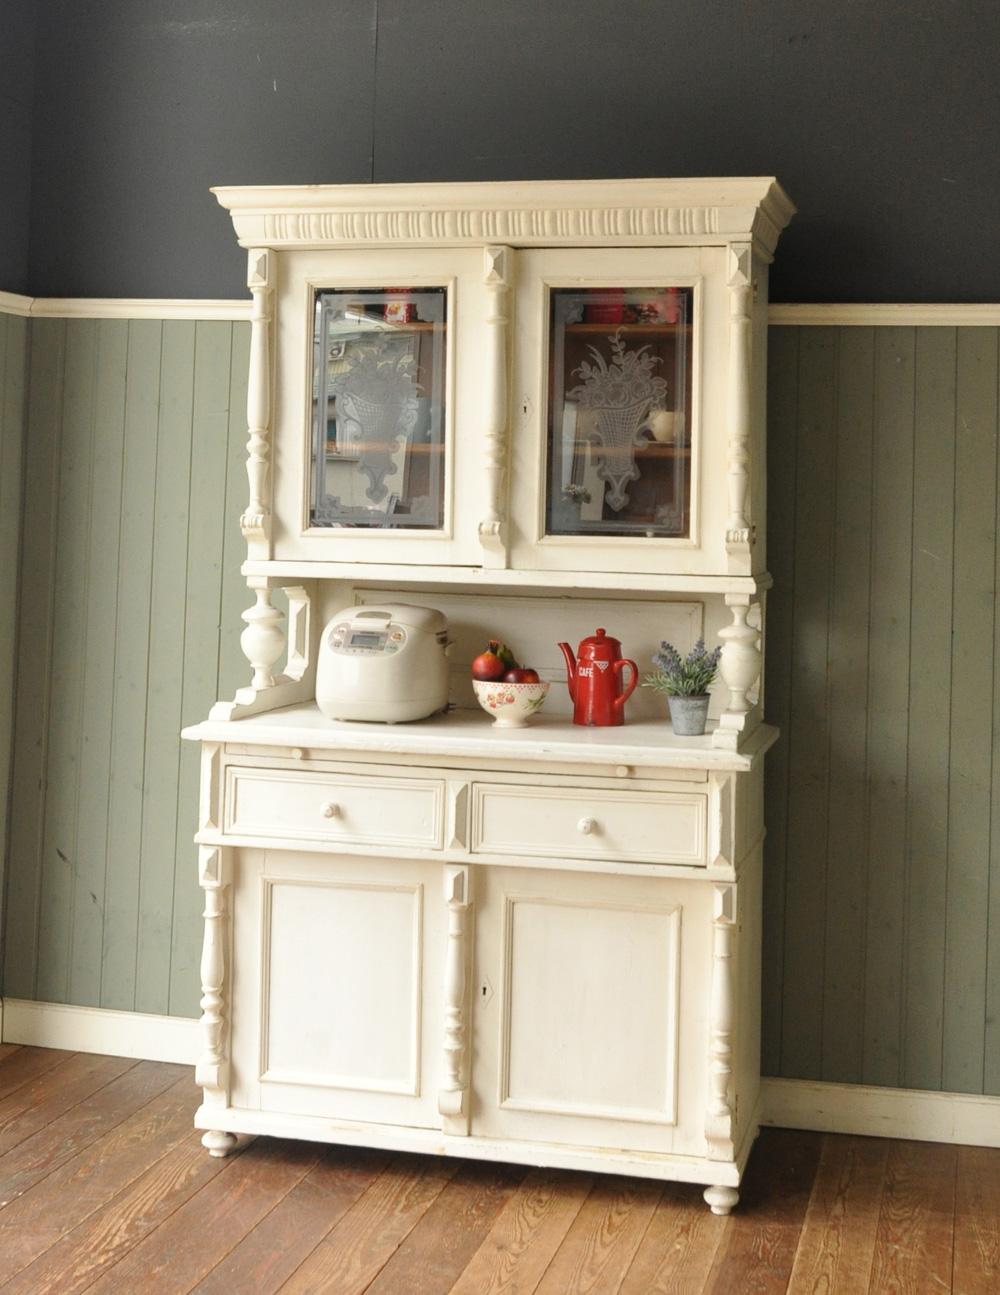 ただの収納じゃない!おしゃれと便利さの融合、アンティークな食器棚のサムネイル画像